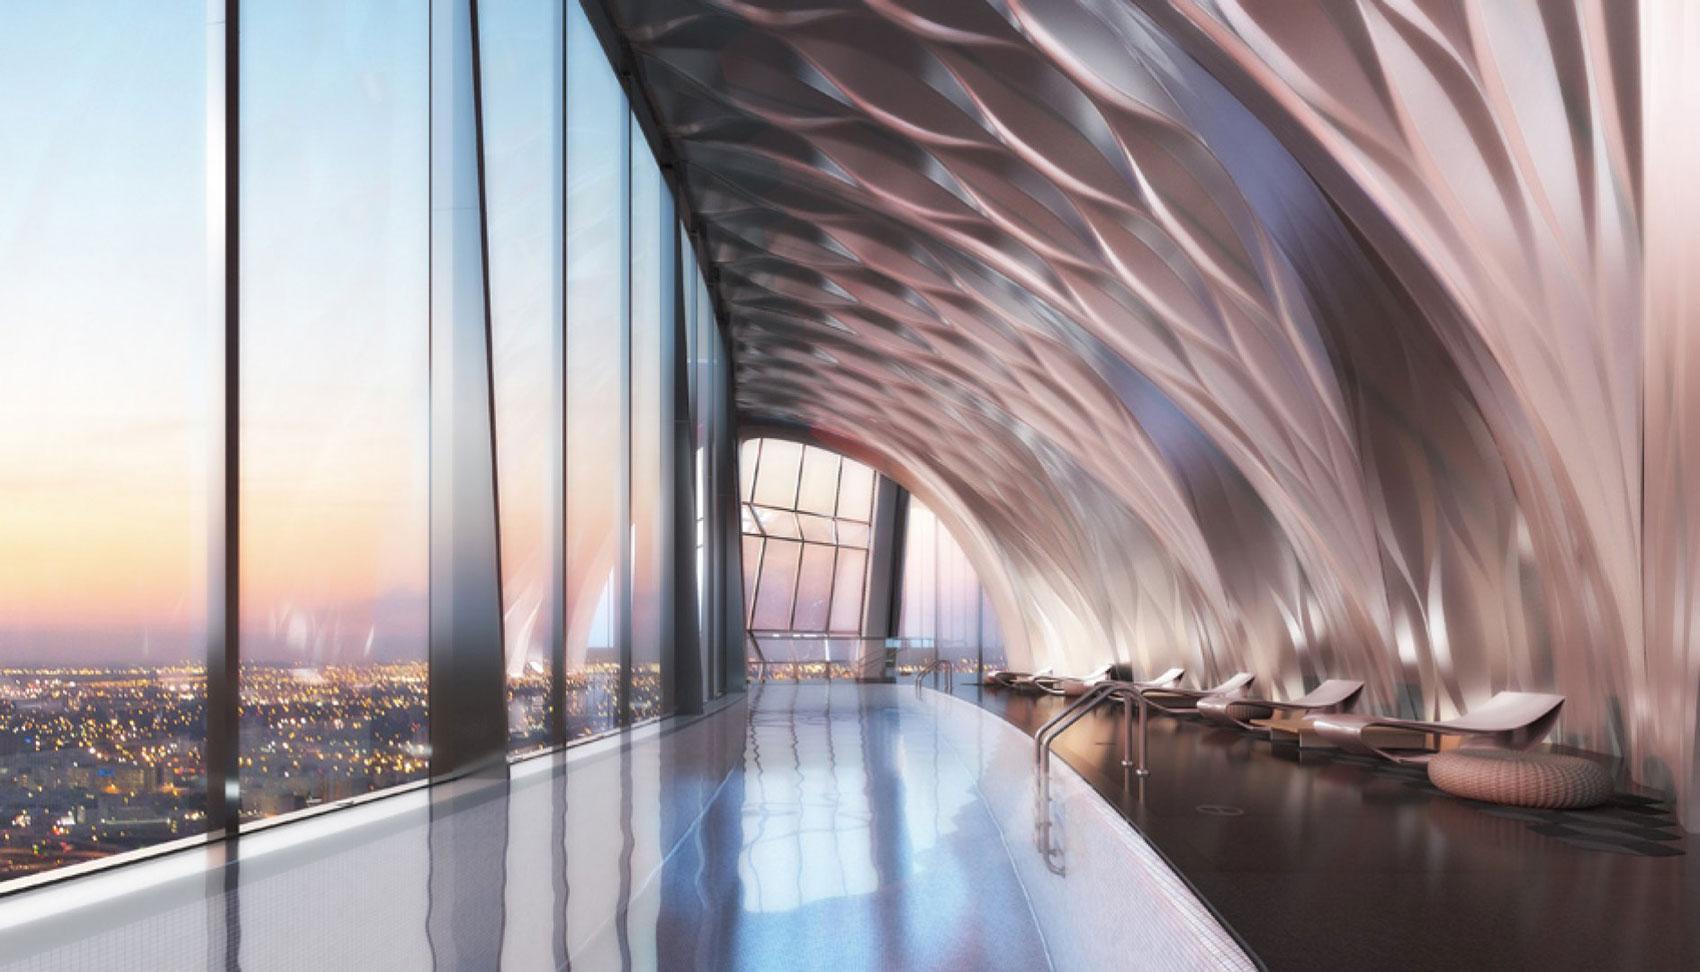 1000 Museum diseño de interiores realizado por la arquitecta Zaha Hadid